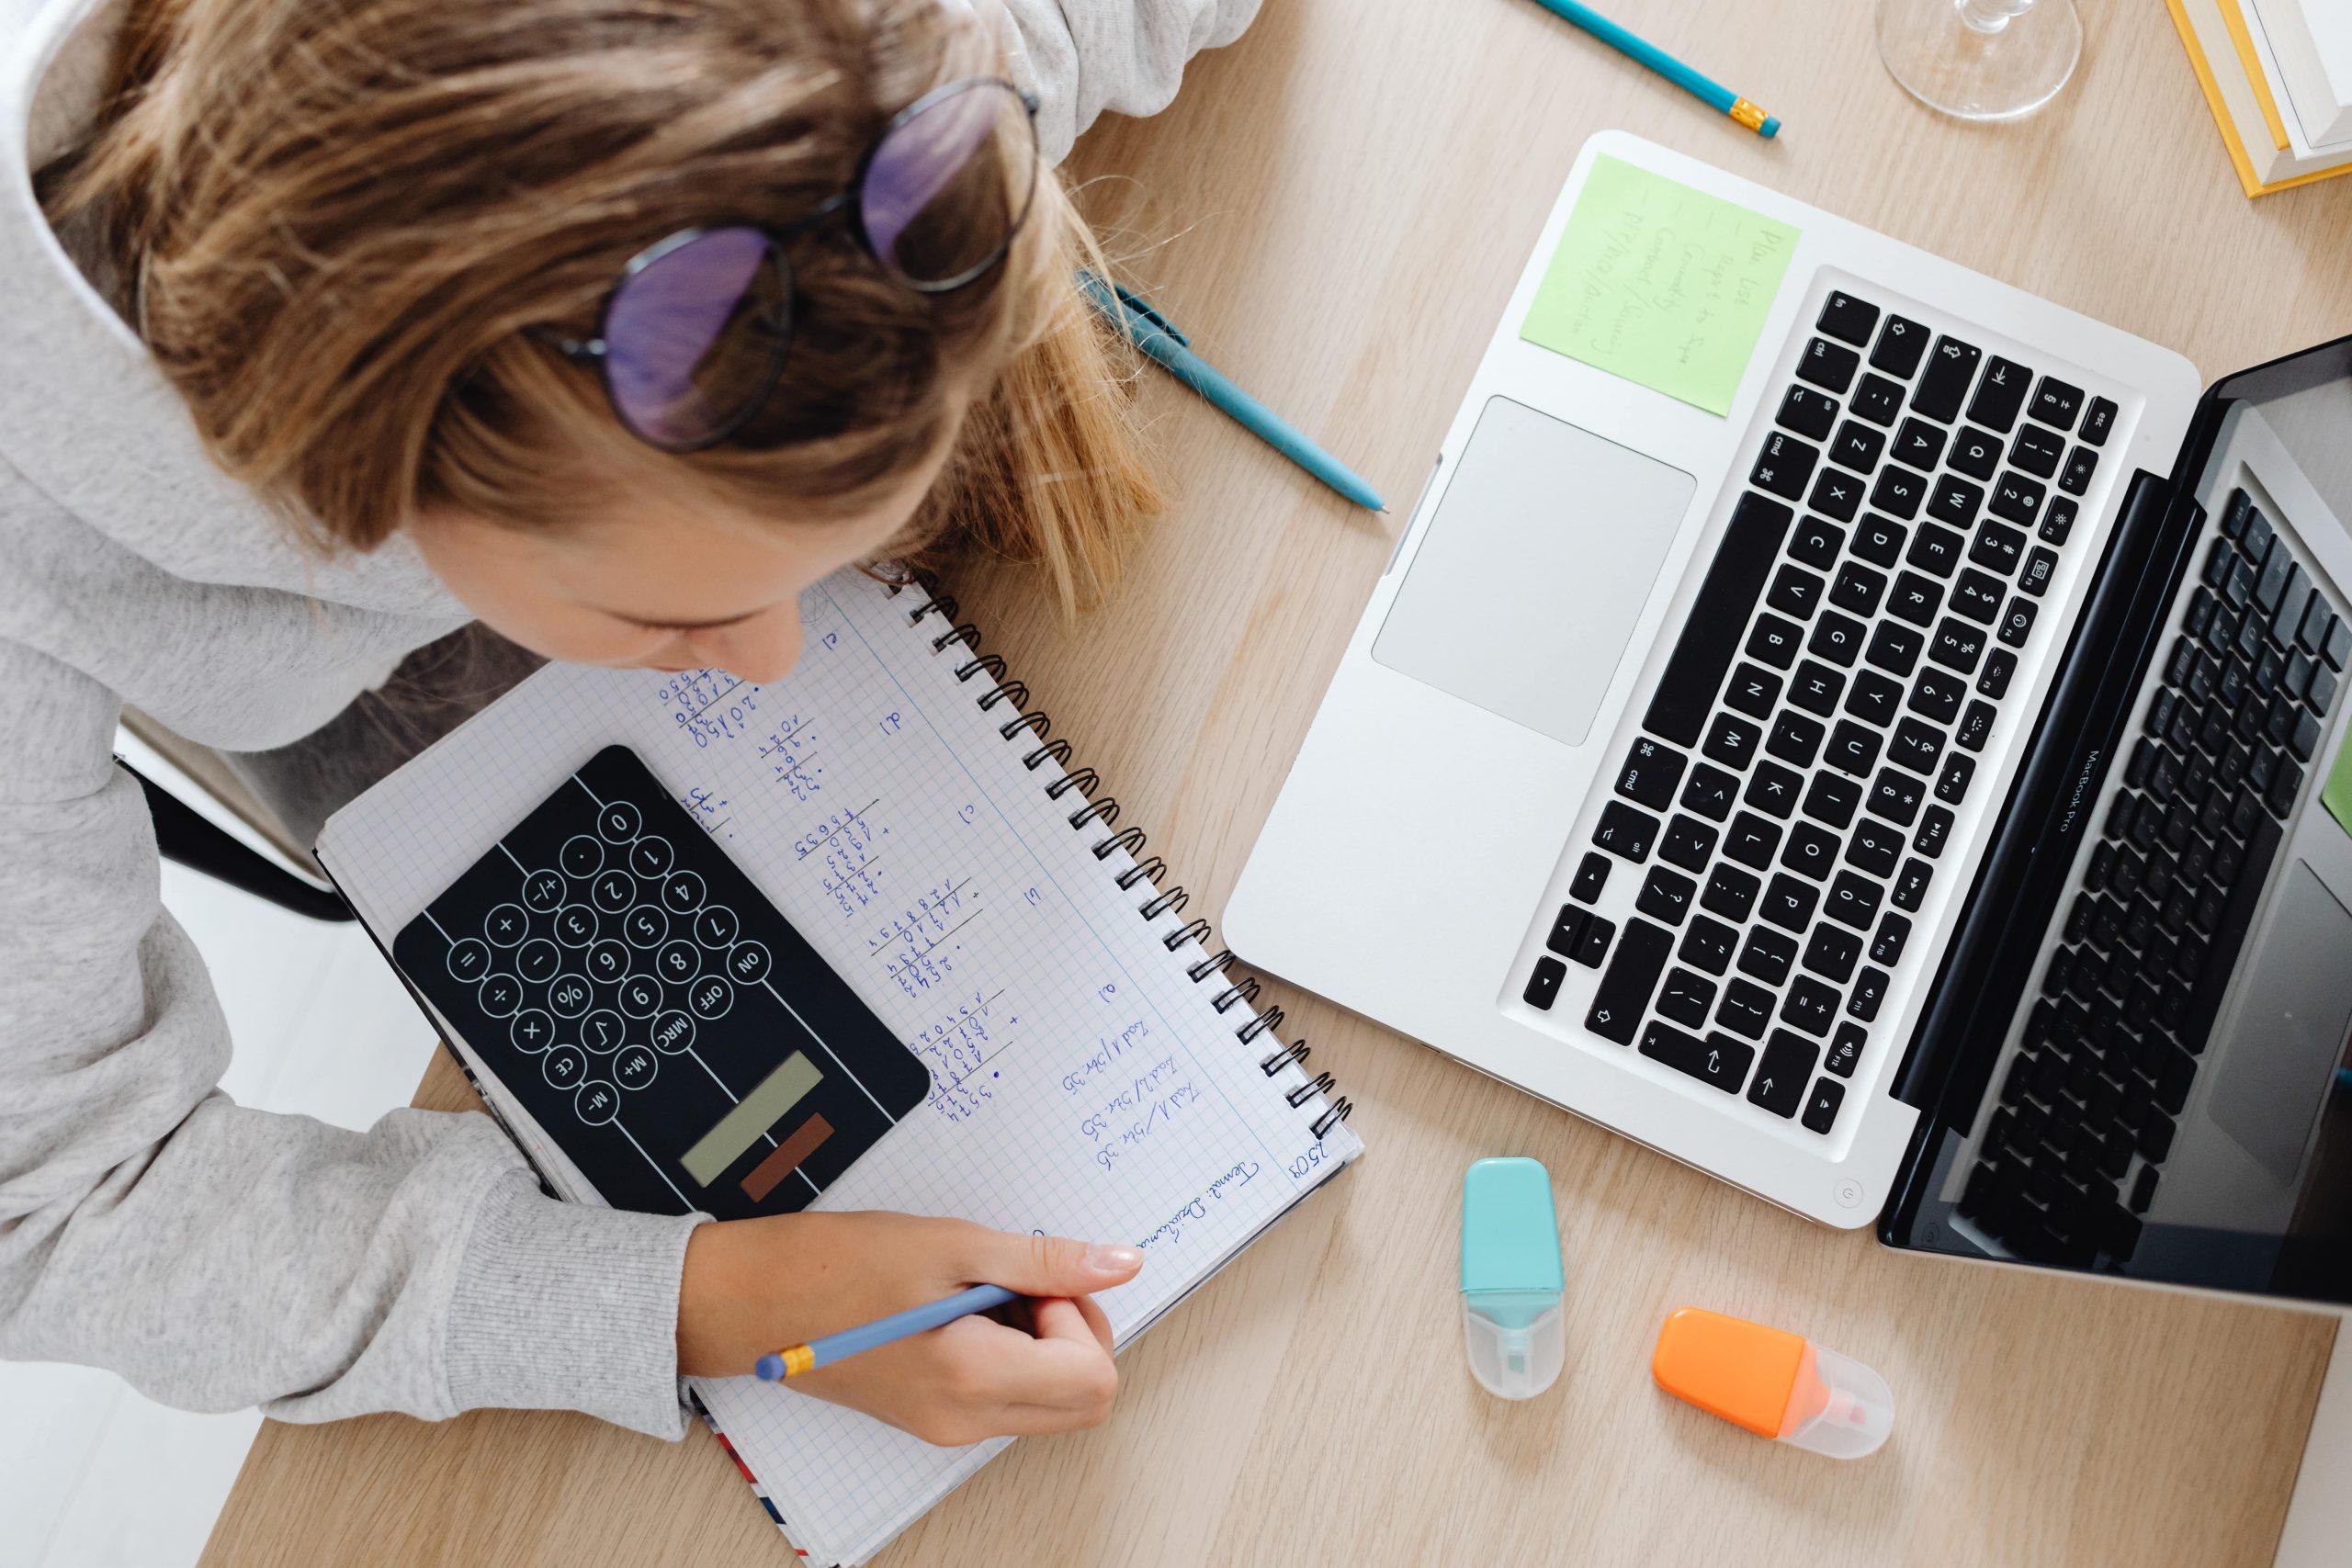 Tehnologija v izobraževalnem procesu ima veliko prednosti